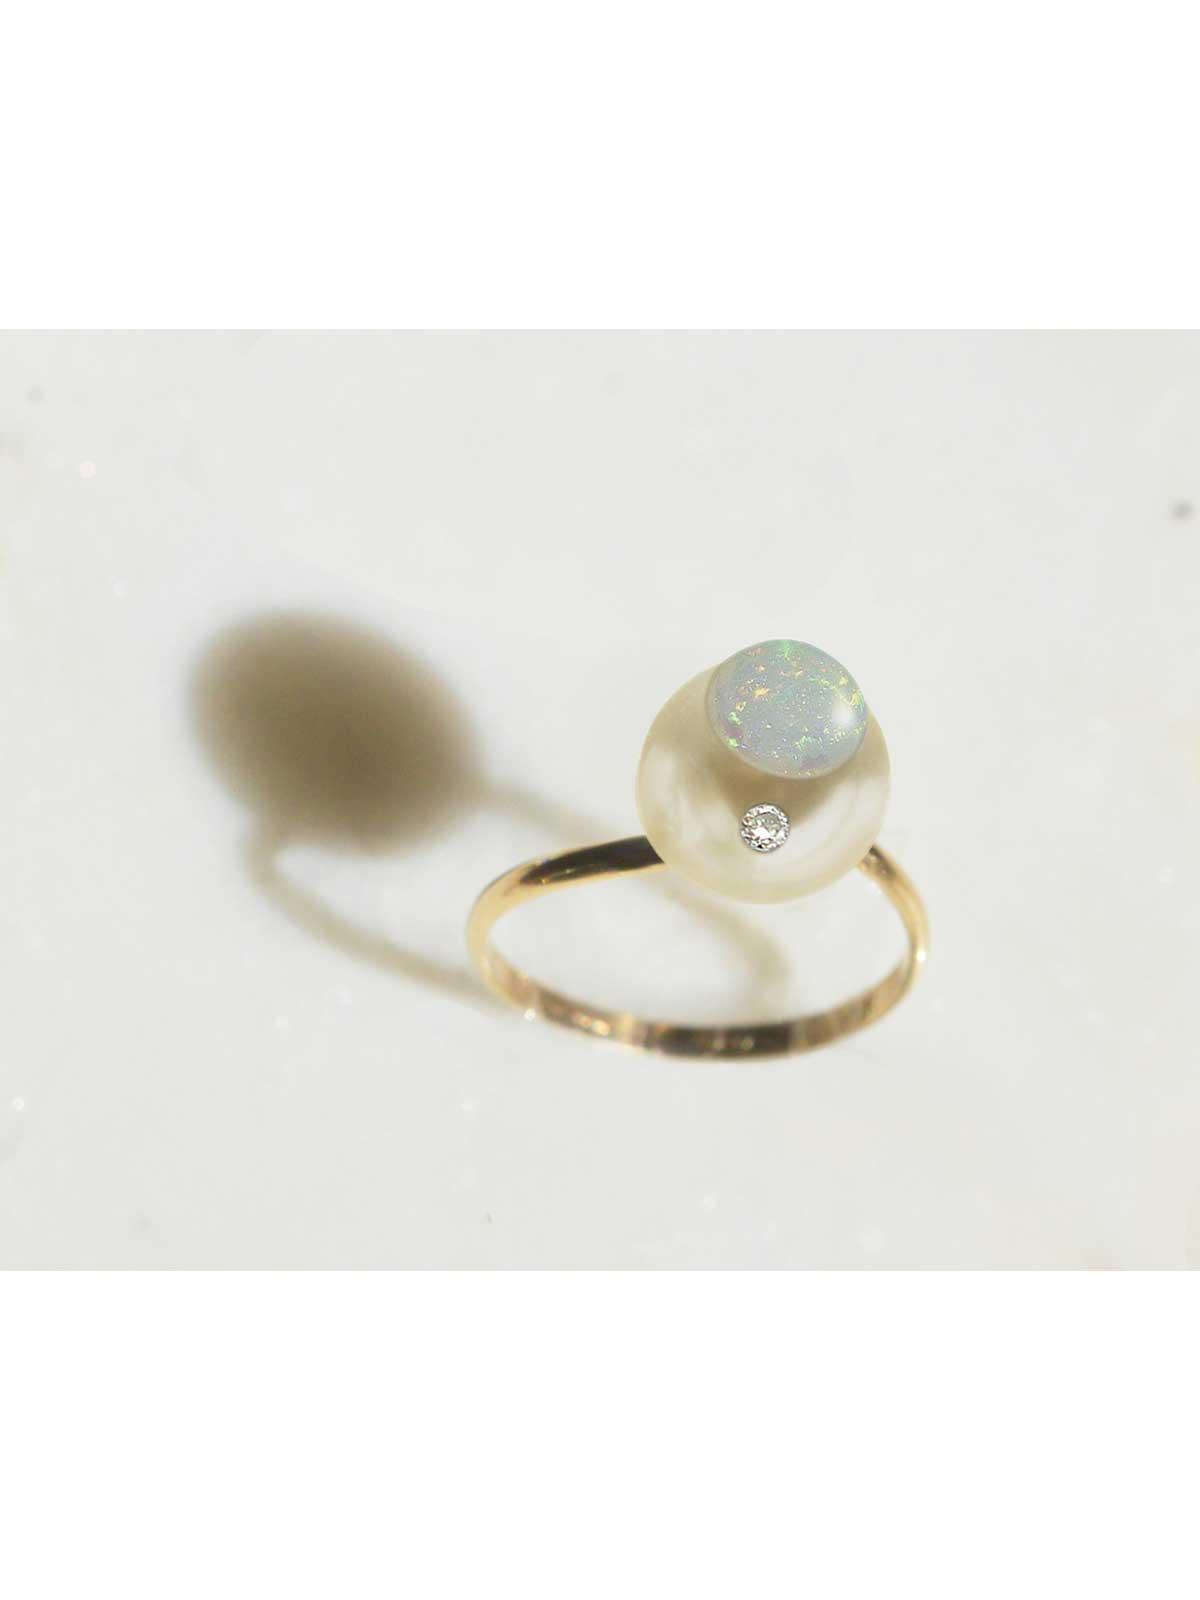 porcelain ring white South Sea Pearl Diamond Opal 14K yellow gold